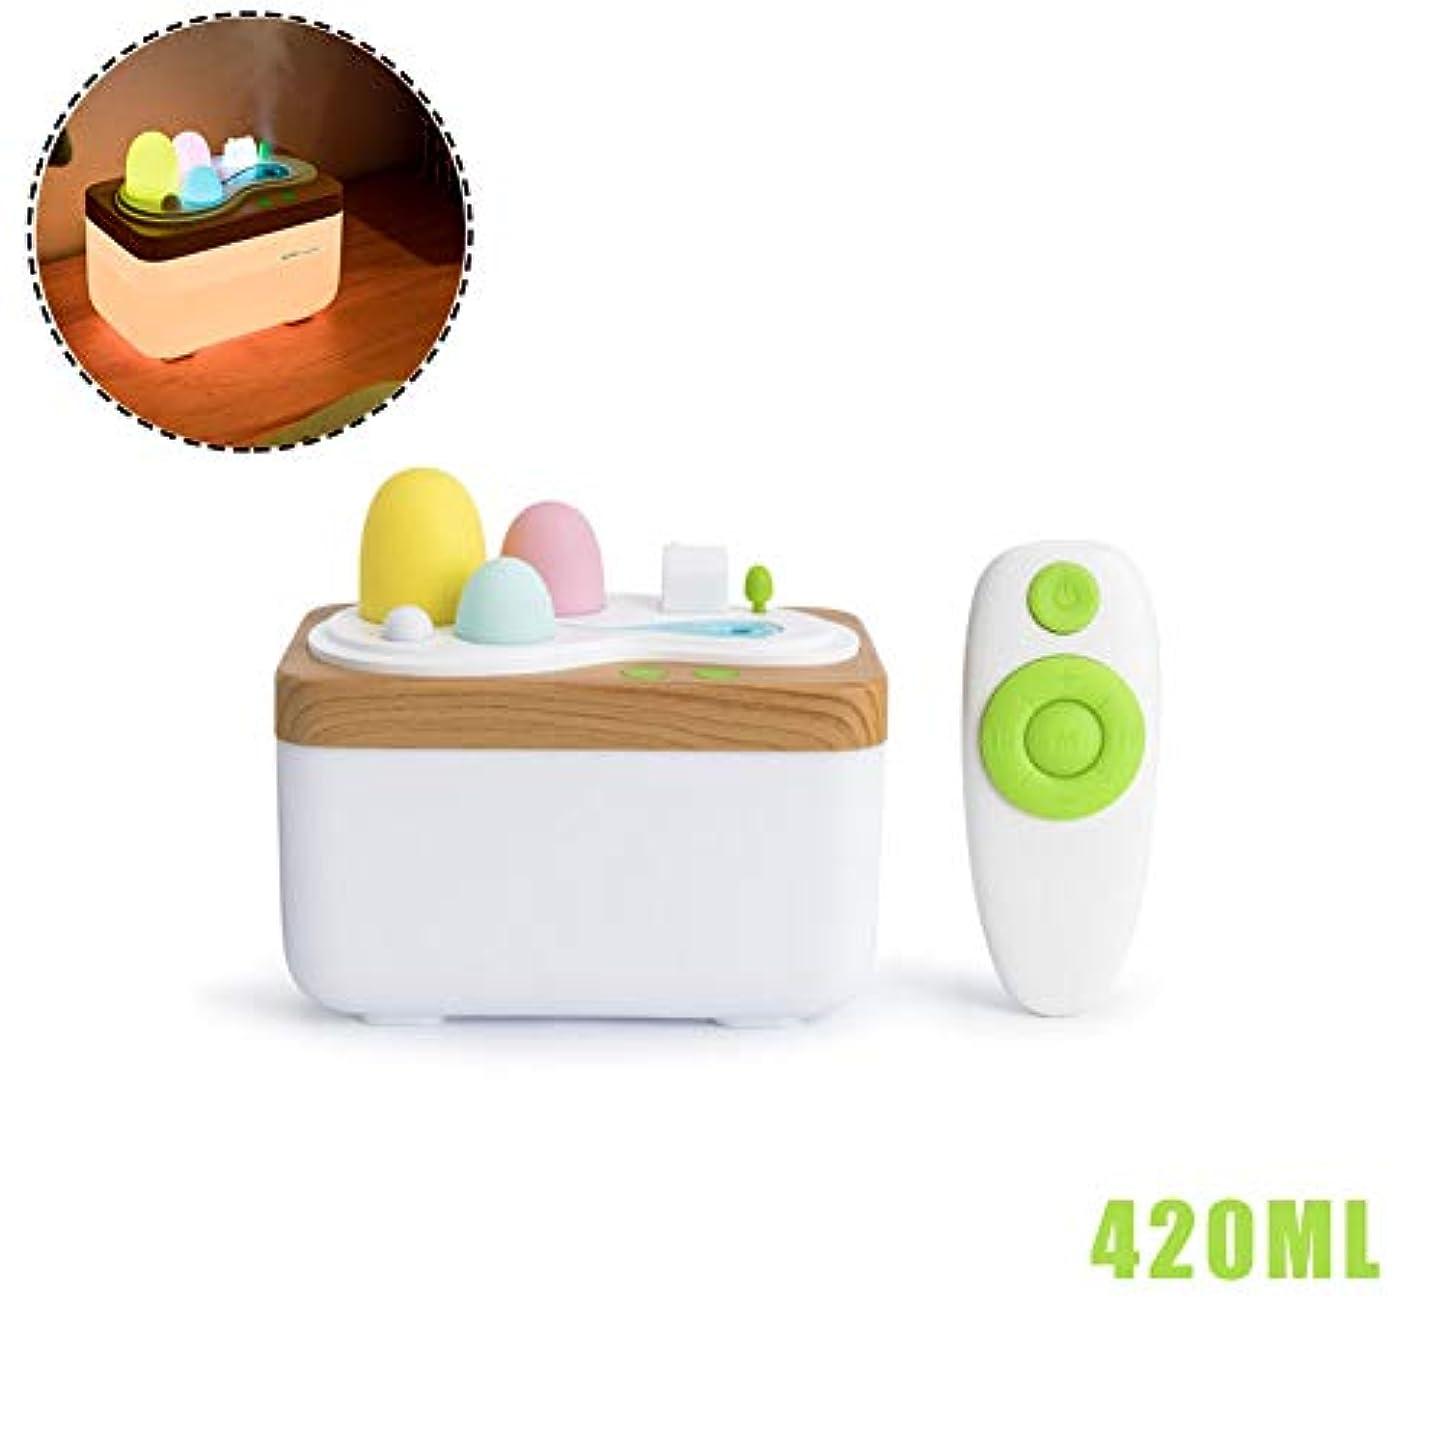 小屋原告担当者リモコン420mlアロマセラピー用エッセンシャルオイルディフューザー、超音波アロマディフューザーヨガオフィススパ寝室用ミスト加湿器をクールします。